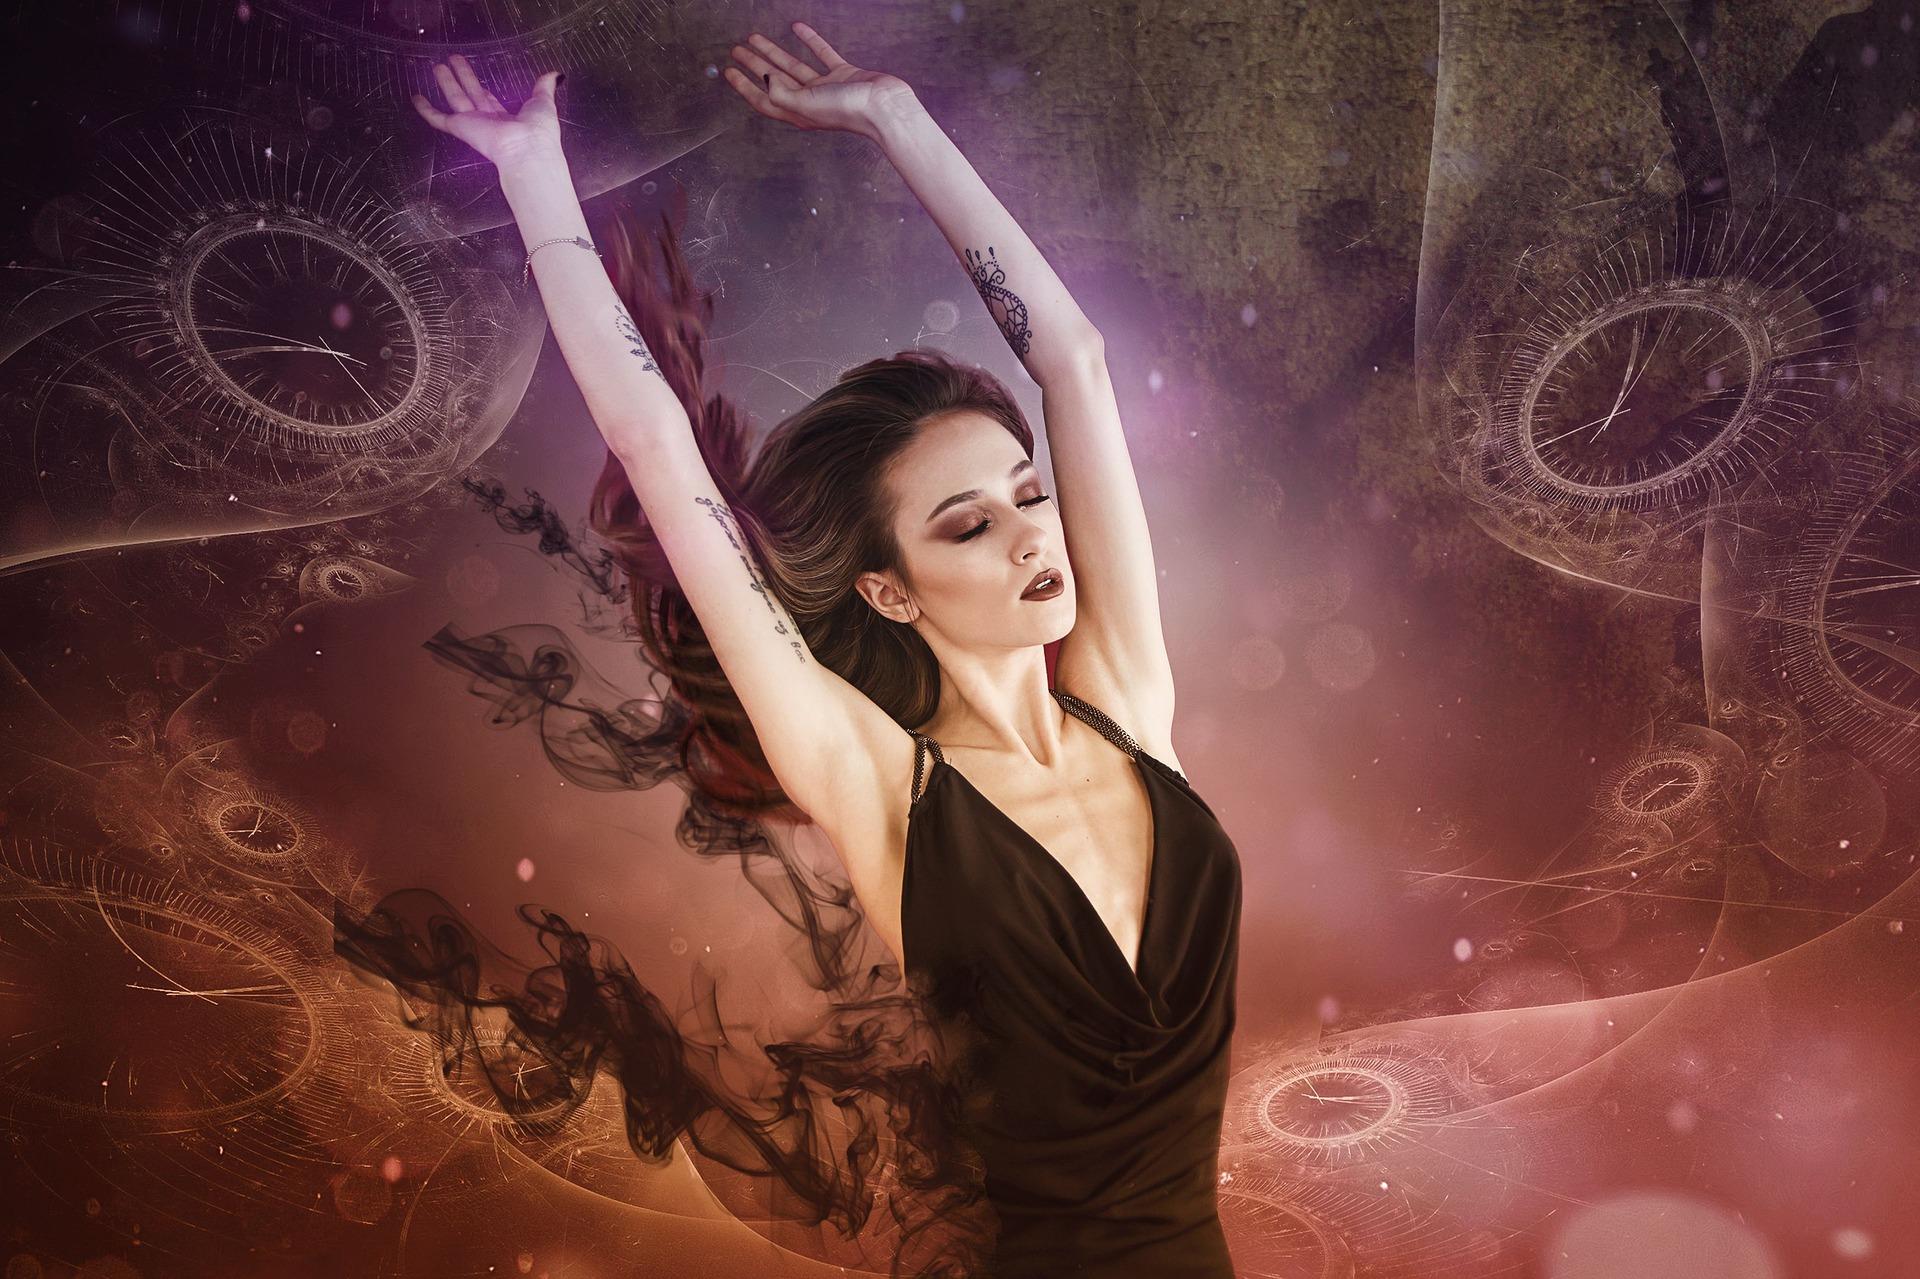 Imagem de Enrique Meseguer por Pixabay. Uma mulher, com o visual gótico, com um fundo inspirado no surrealismo.